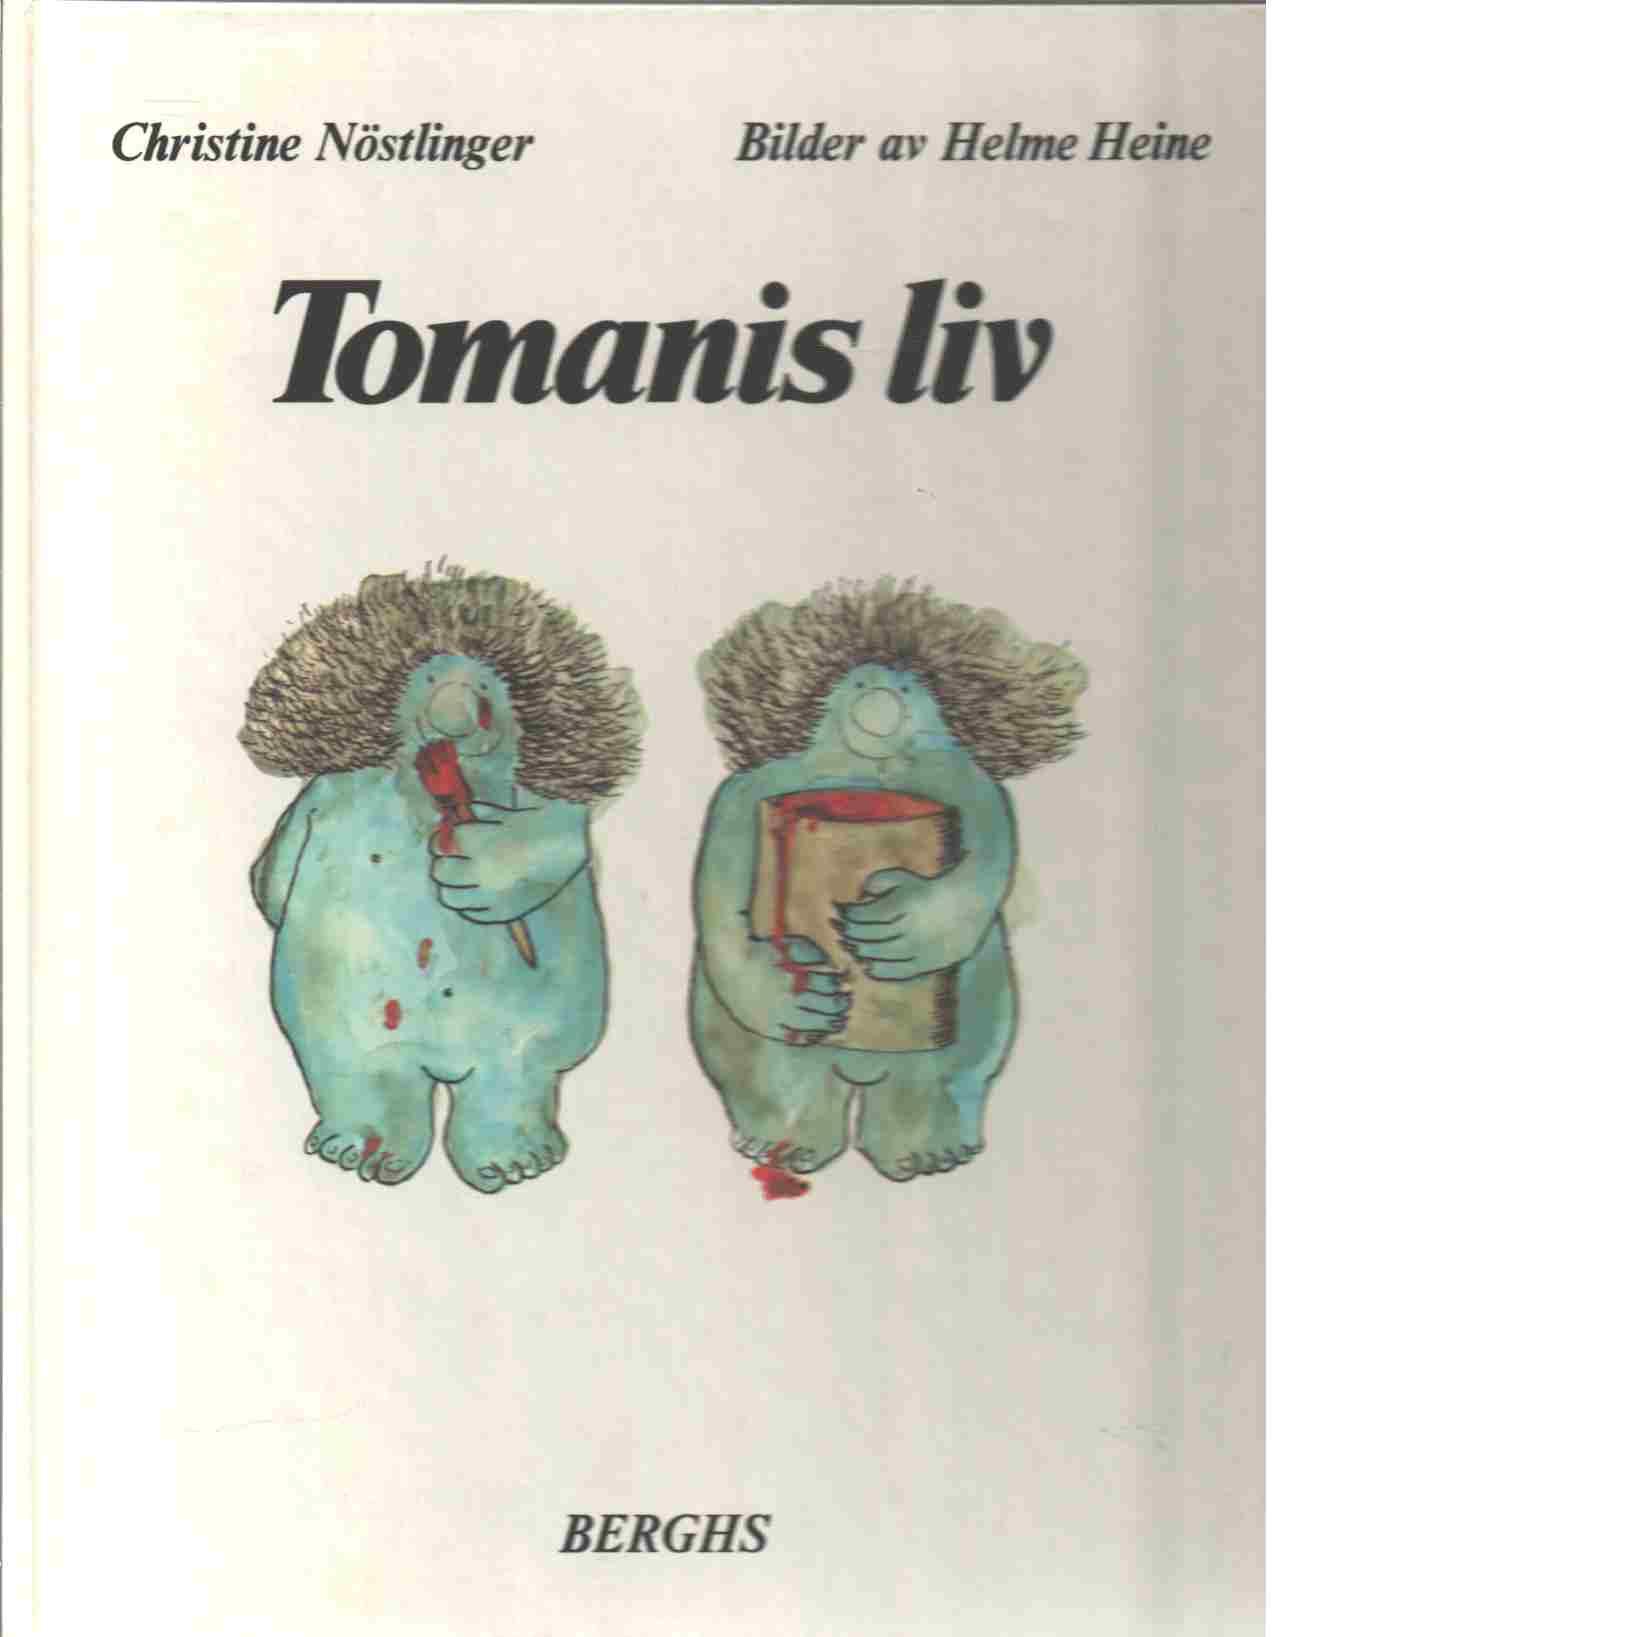 Tomanis liv - Nöstlinger, Christine och Heine, Helme